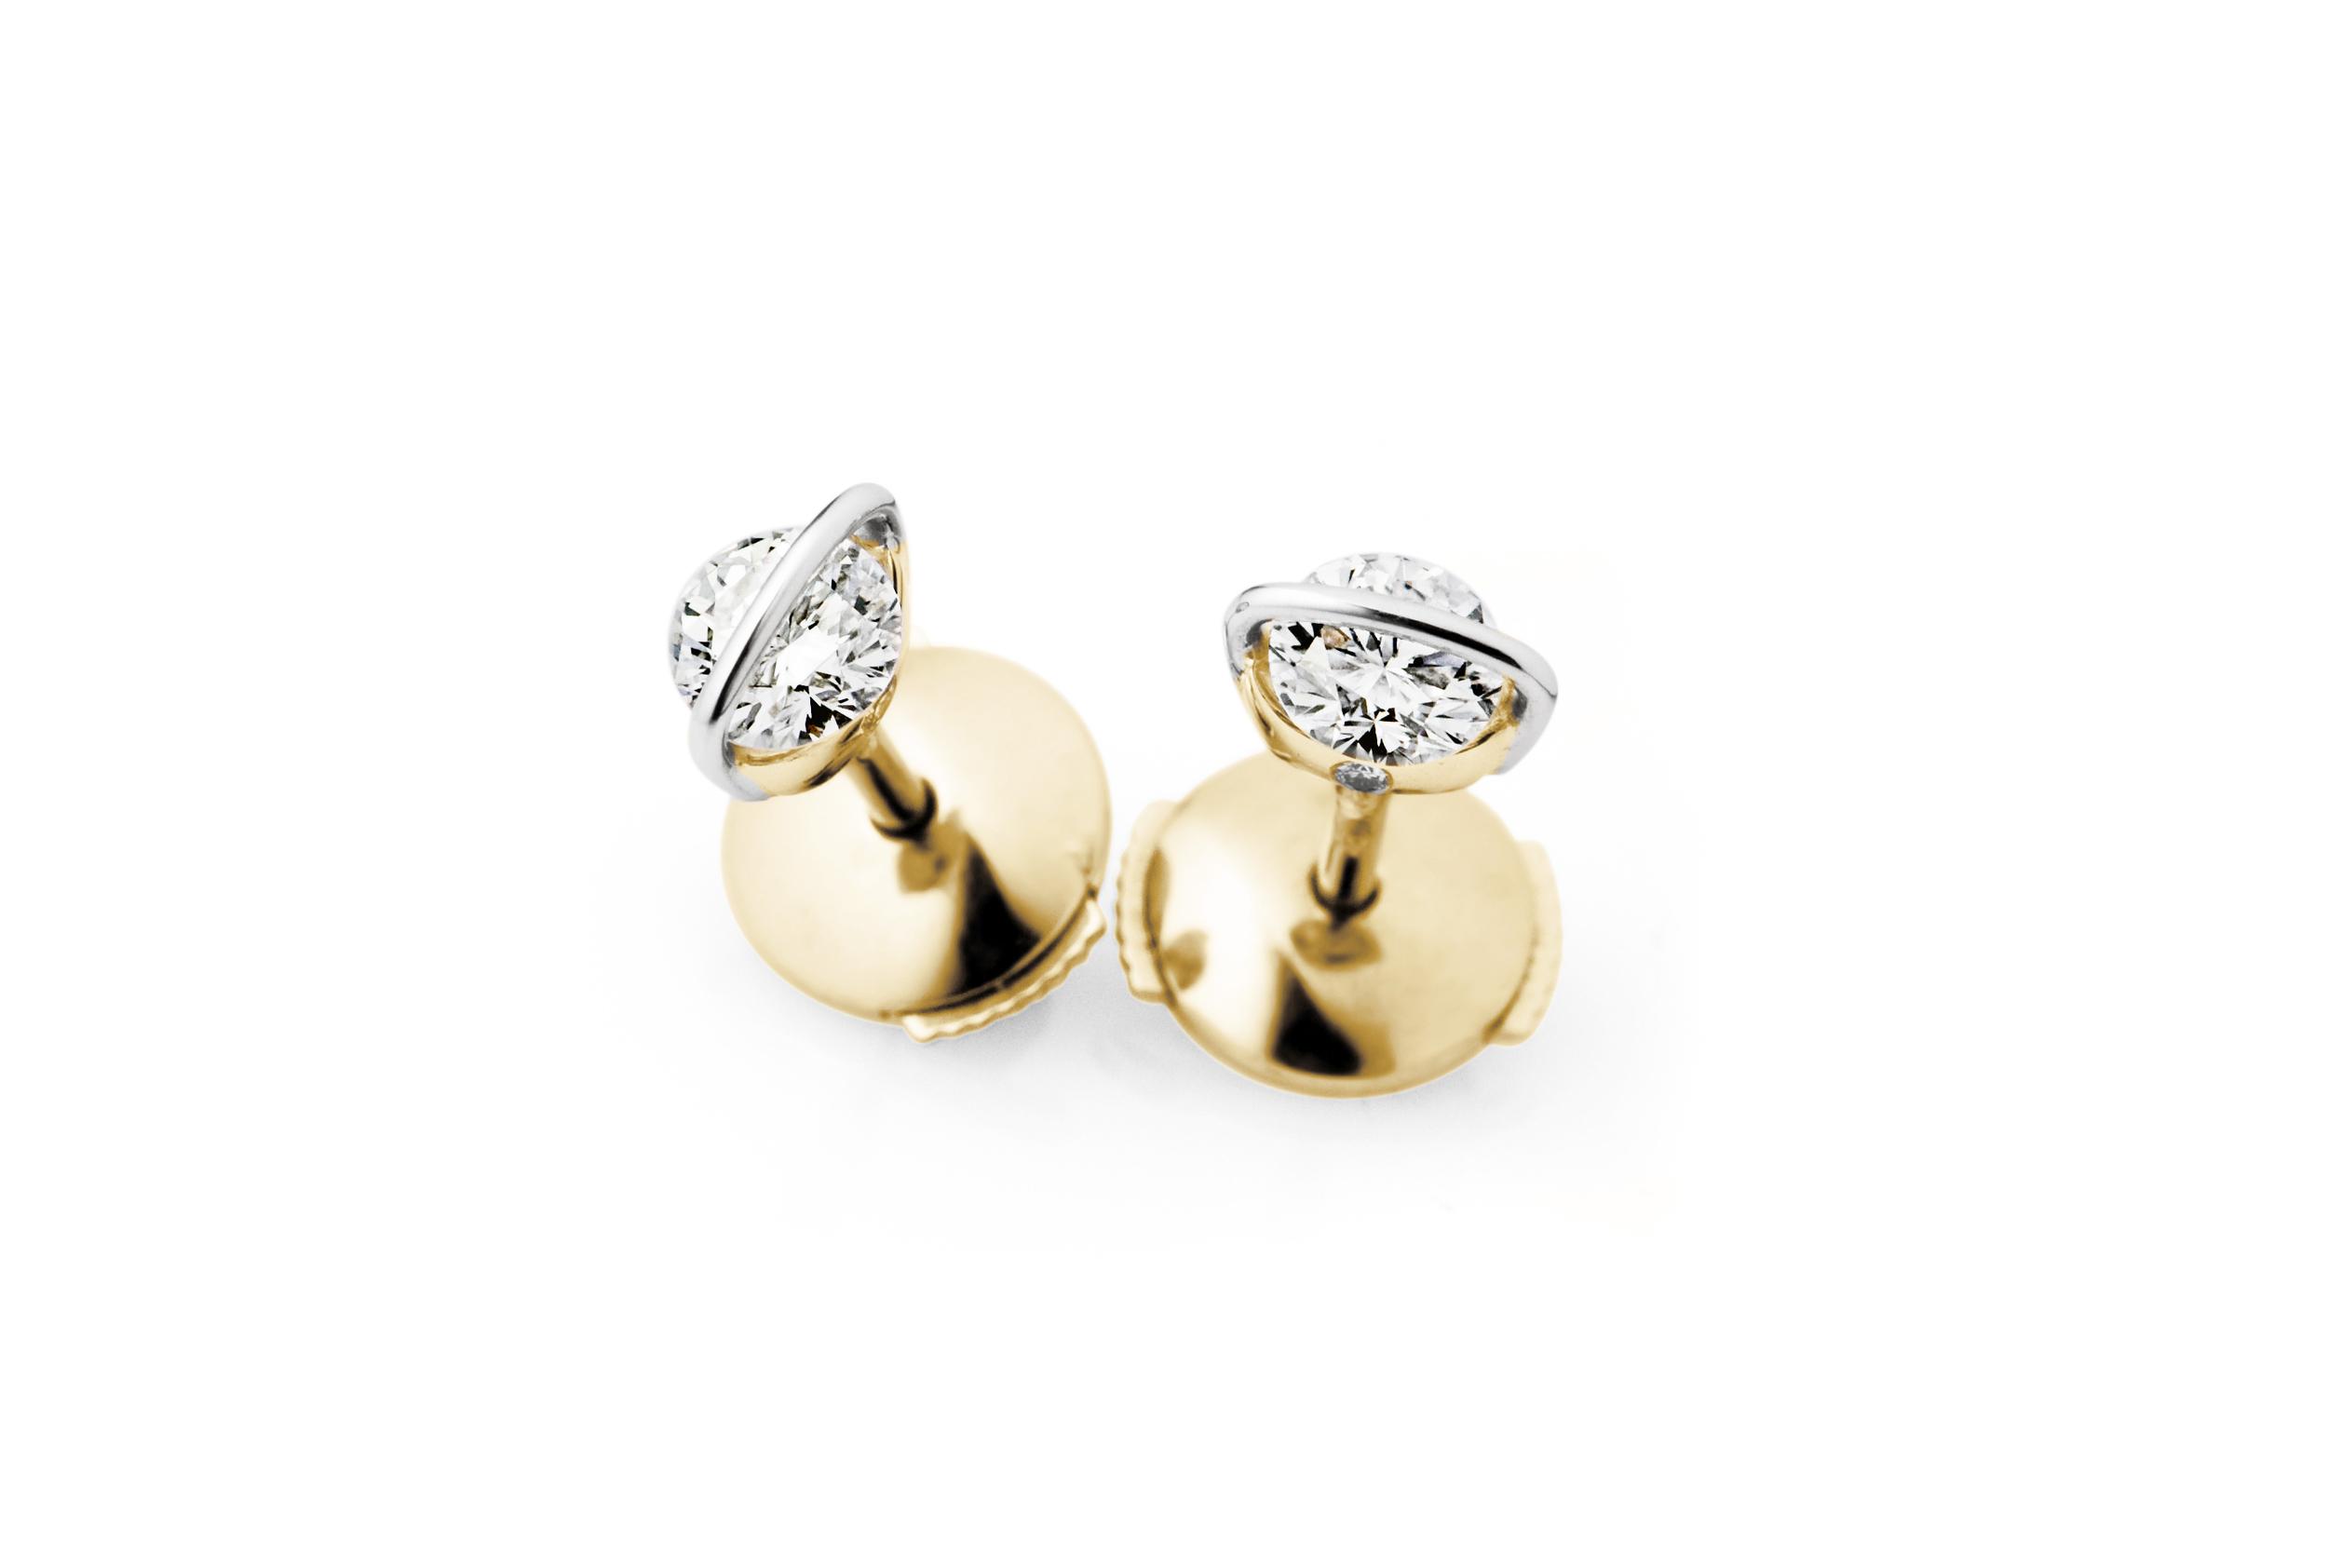 Schaffrath 'Liberte Arcana' earrings. 0.60ct. From $4,800